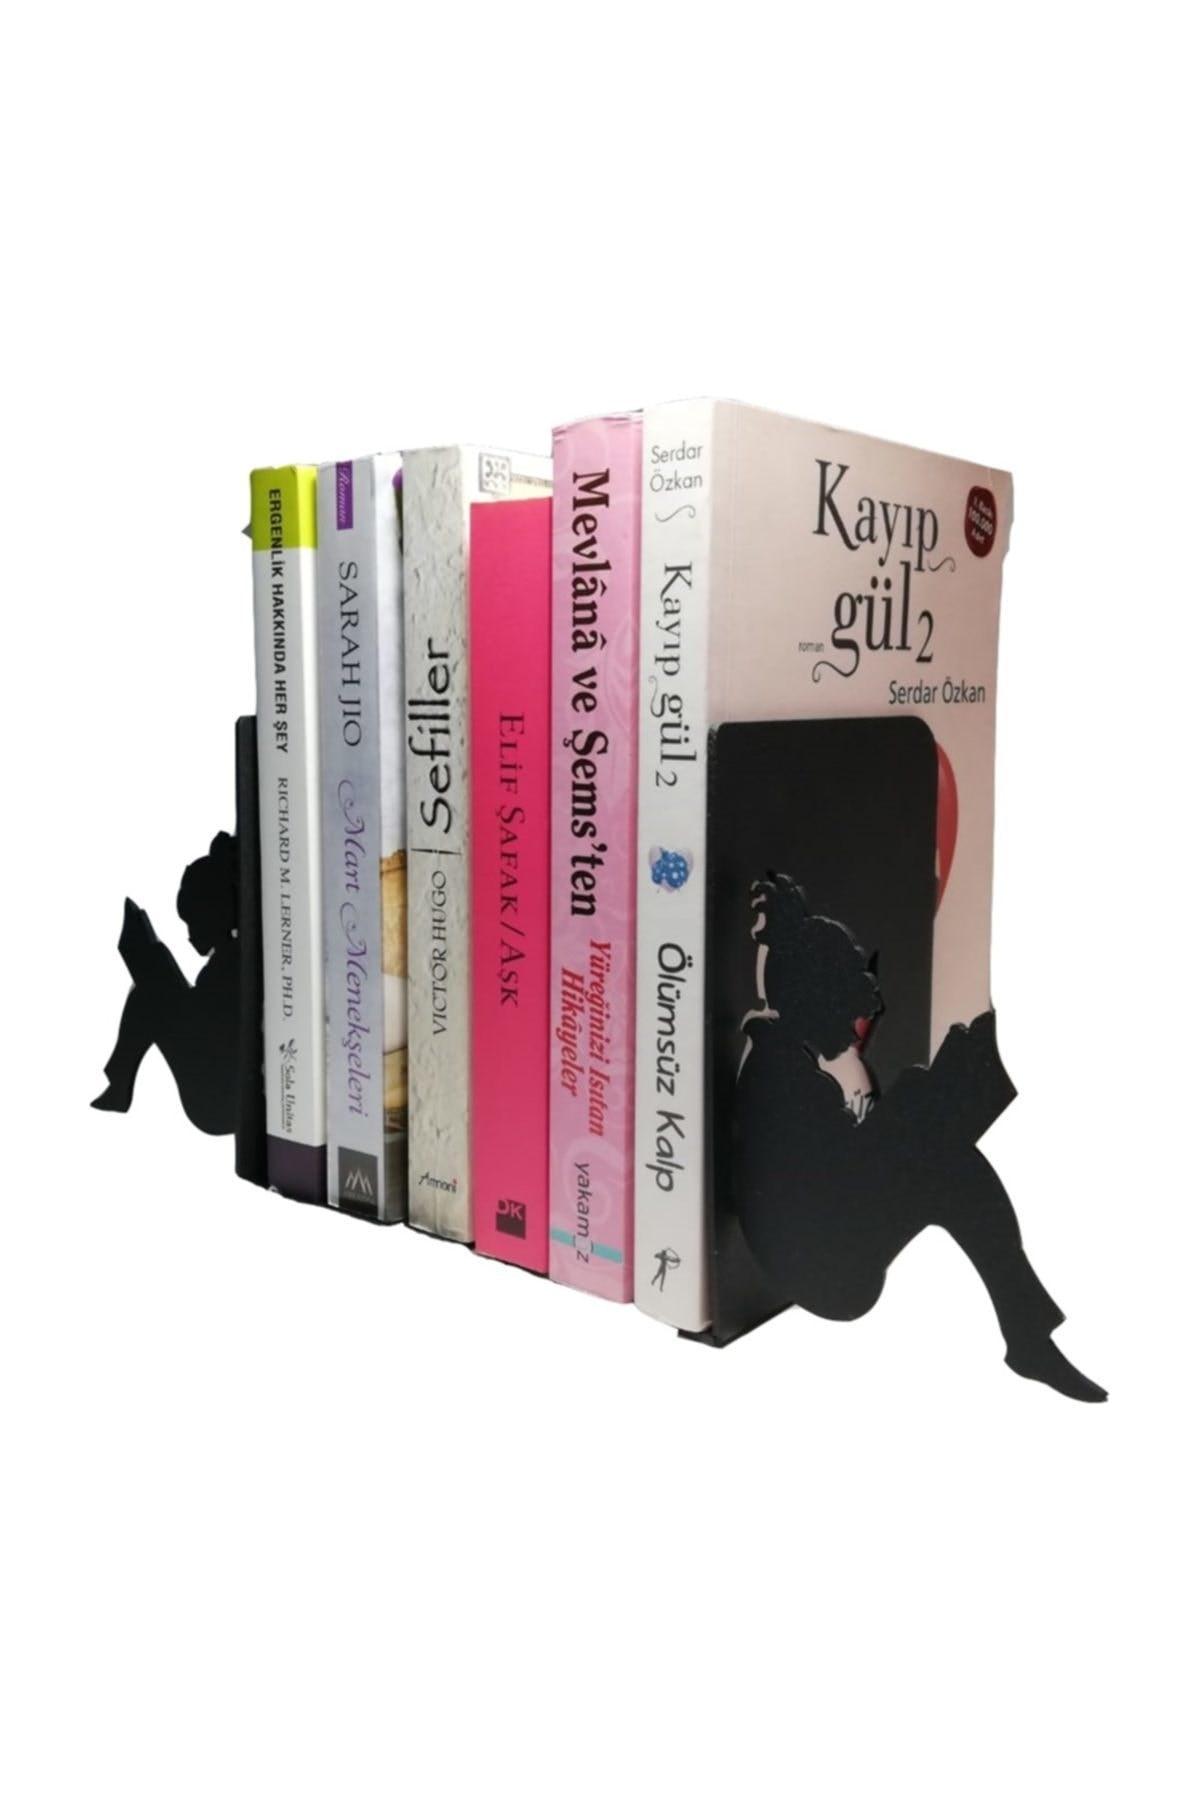 Книжная полка, стеллаж для хранения книг, детская книжная полка, книжный шкаф, мебель для дома, книжный шкаф для книг